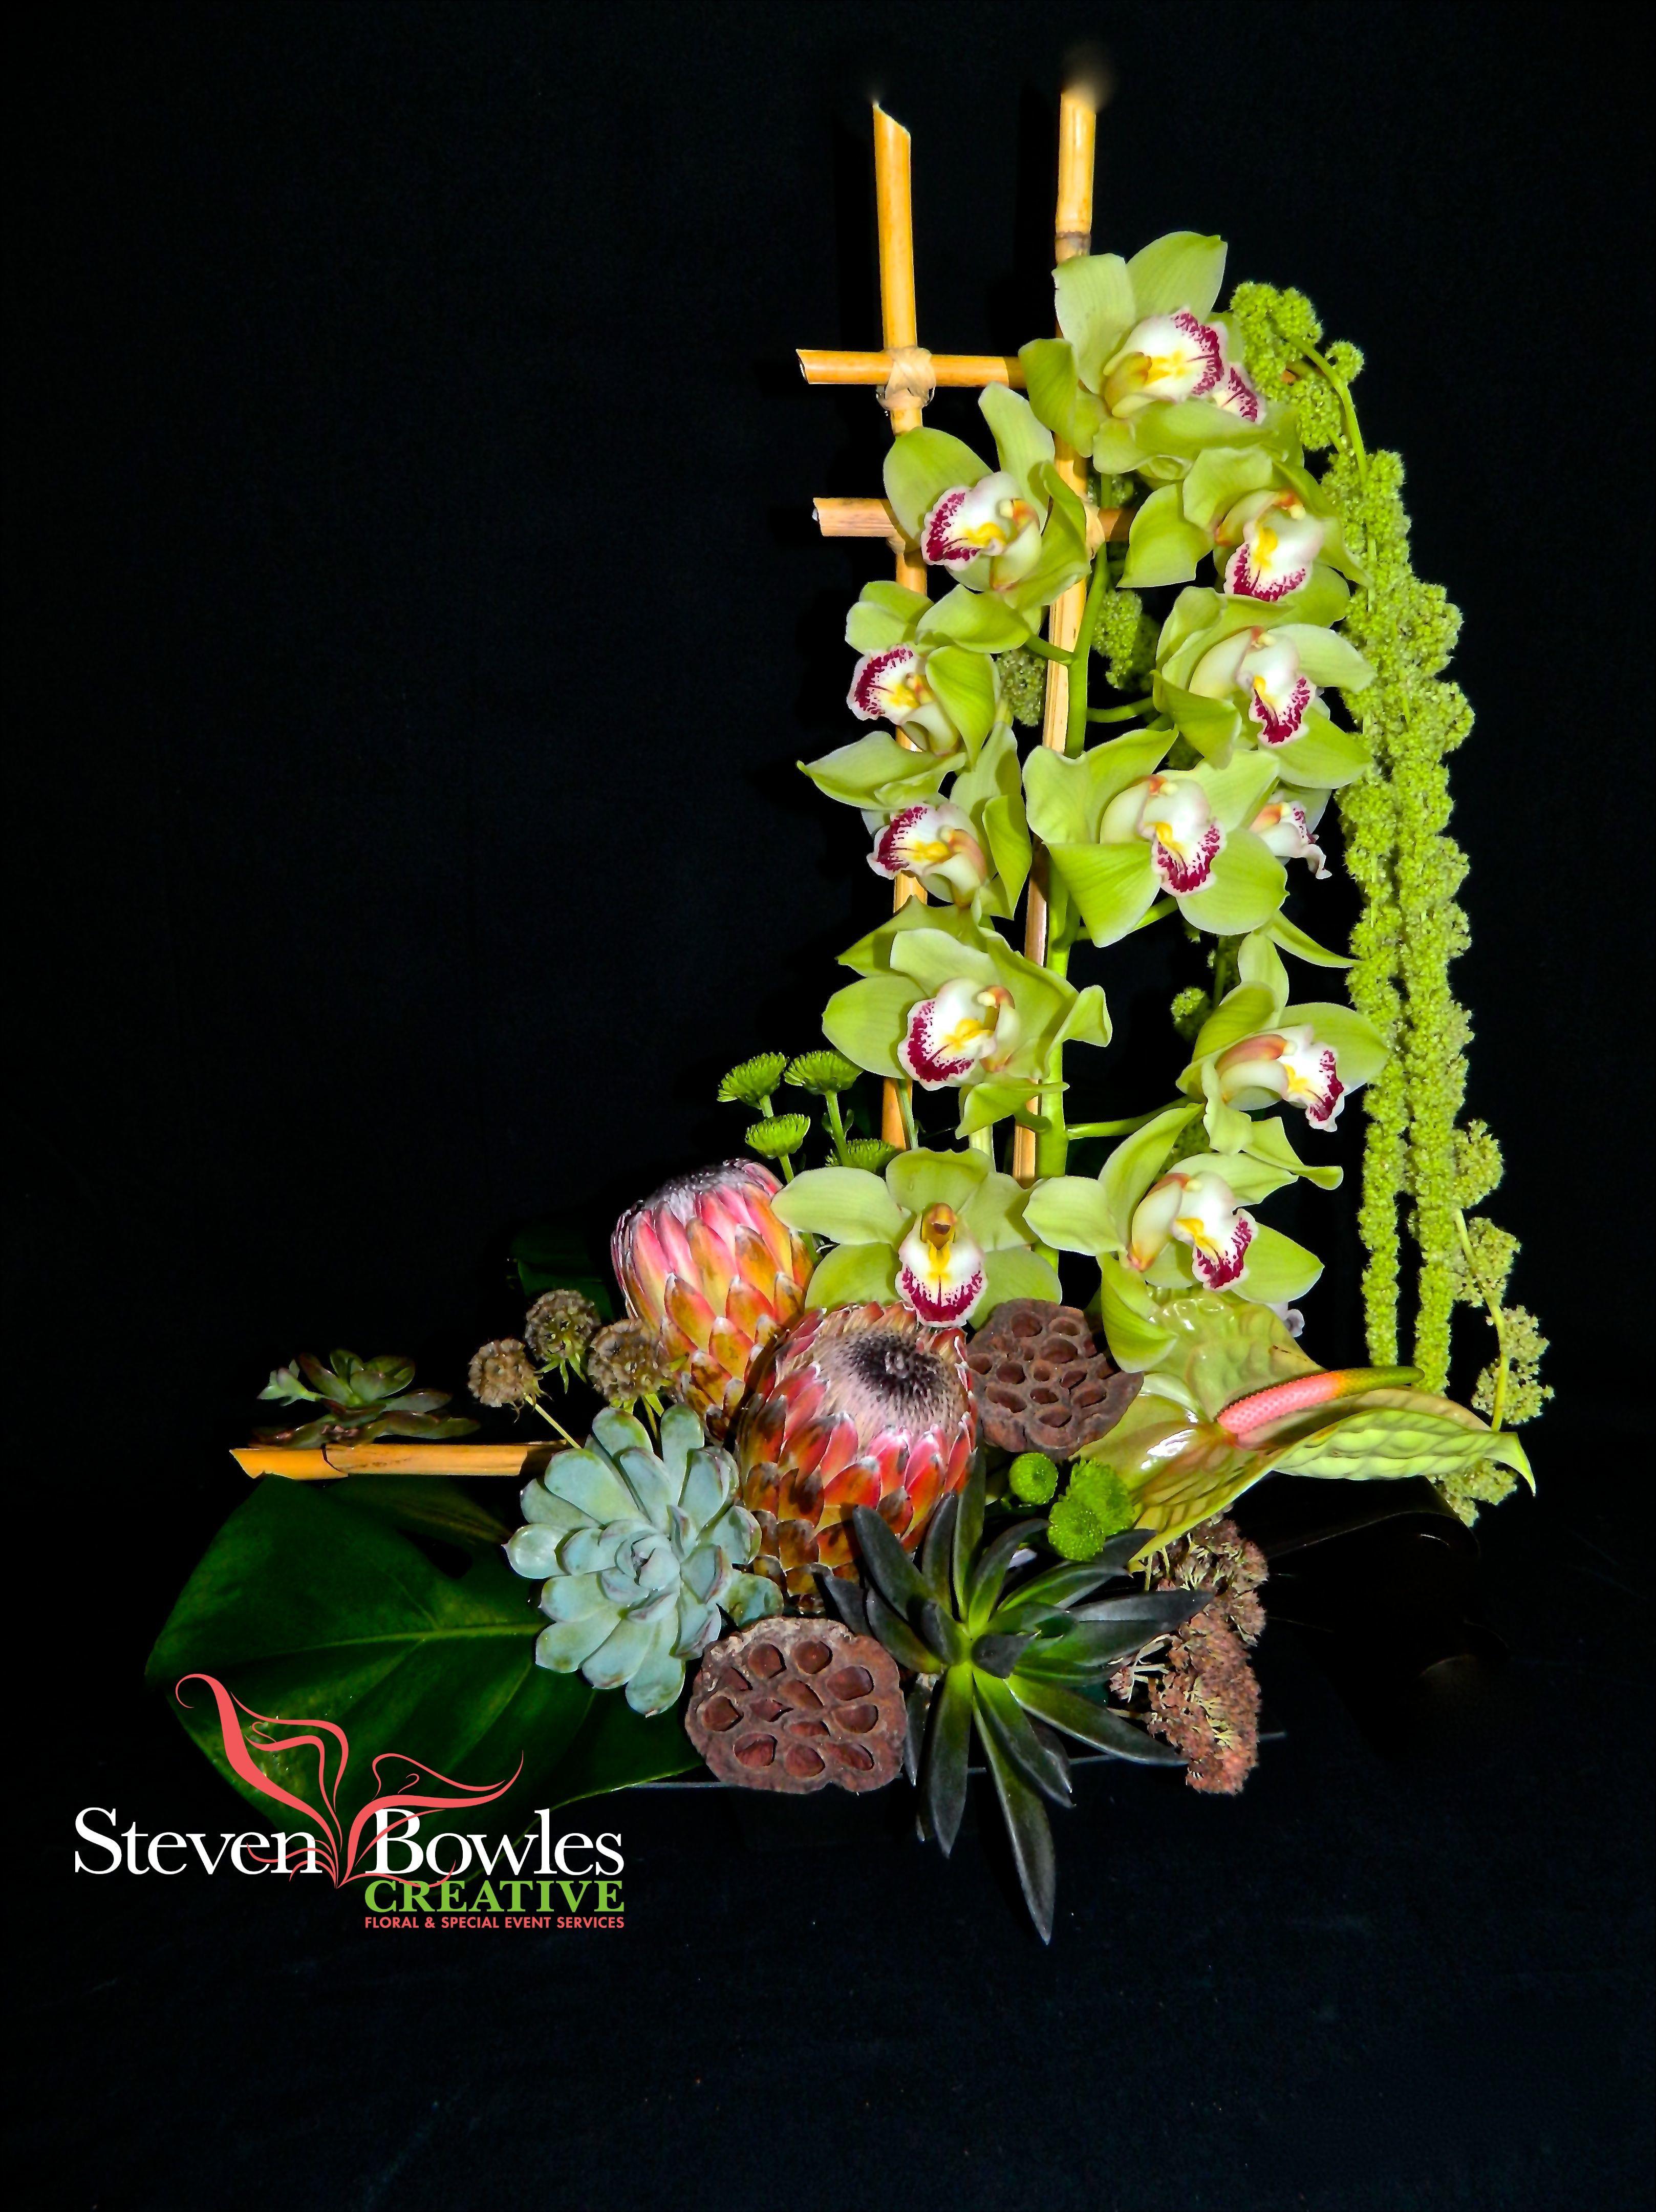 Tropical floral design by Steven Bowles Creative Naples FL